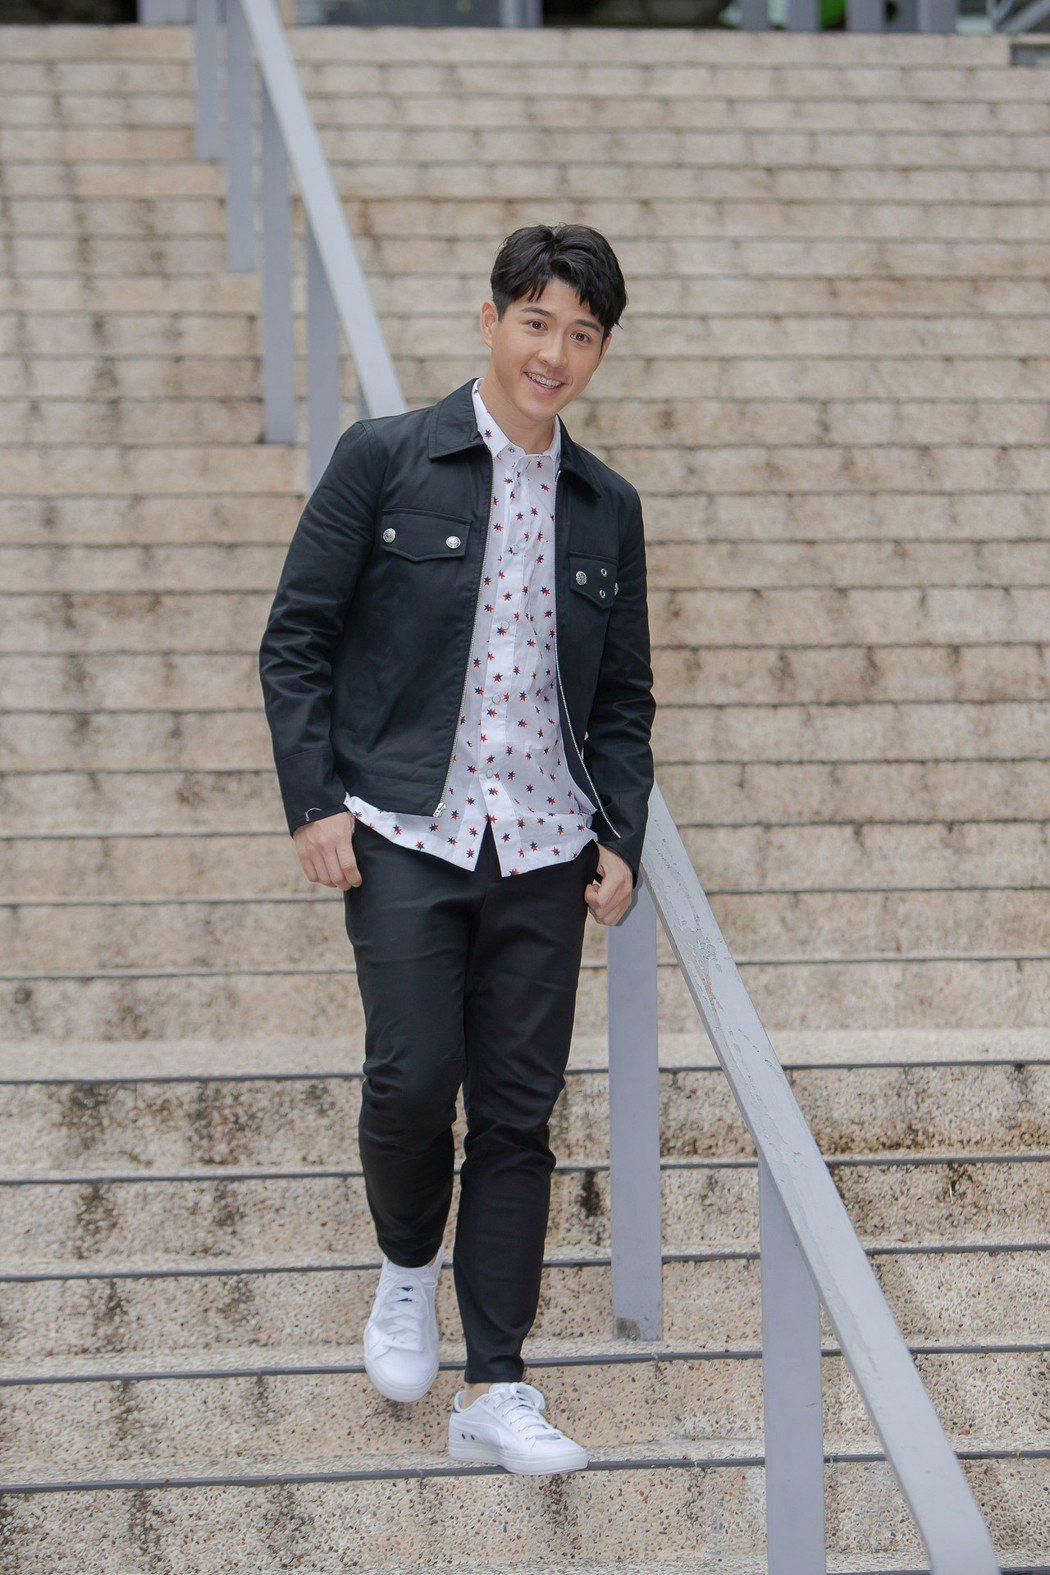 吳岳擎外型帥氣陽光,主演「如果愛.重來」卻一度很壓抑。圖/歐銻銻娛樂提供